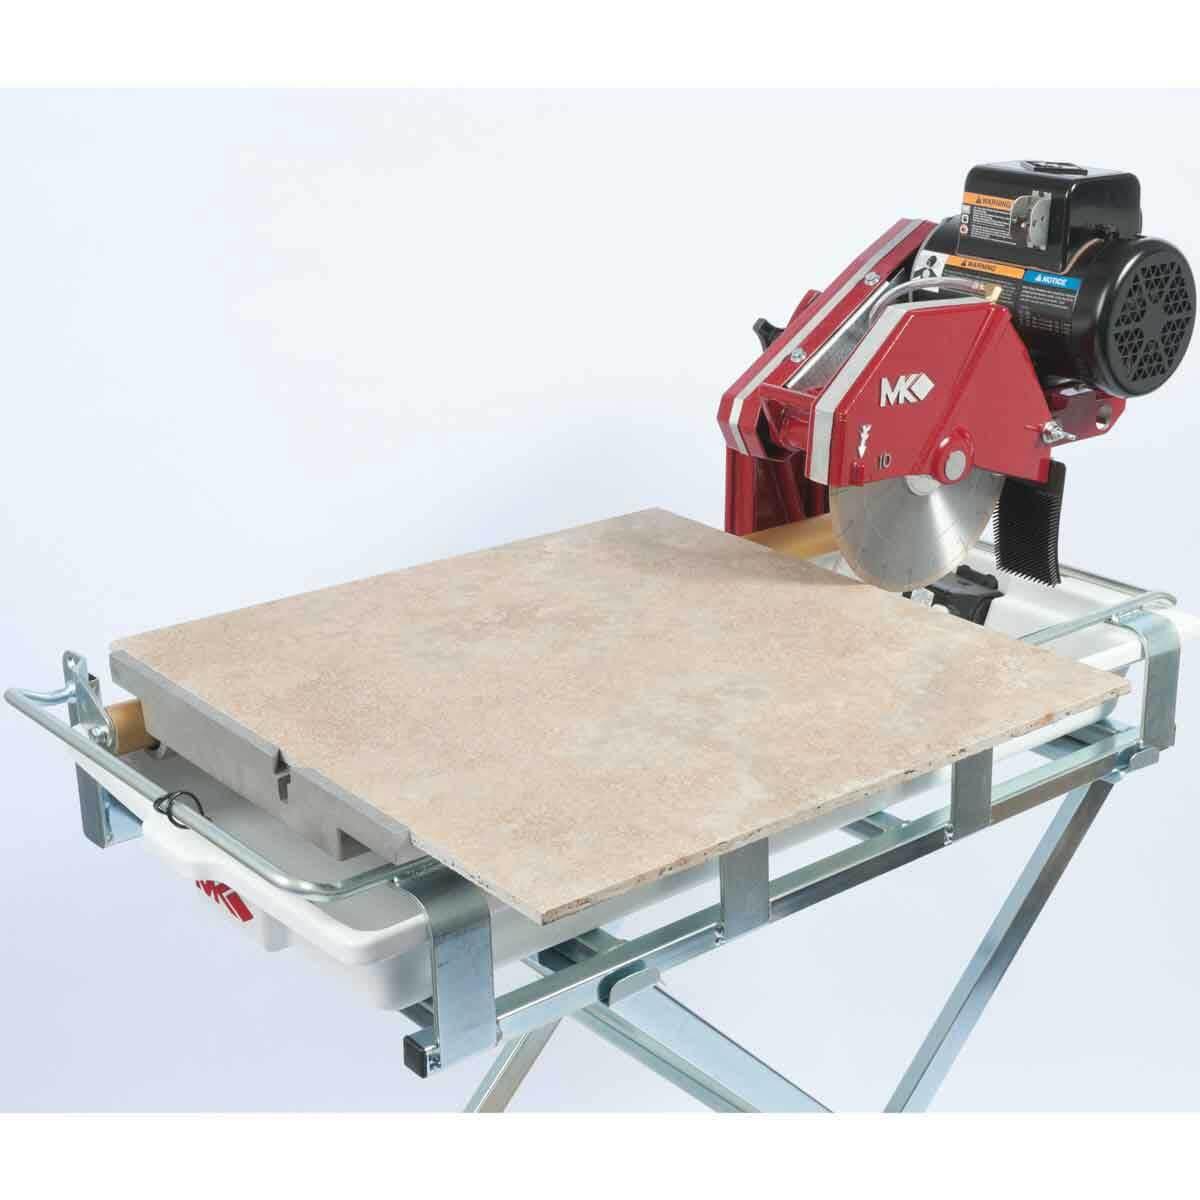 mk 101 24 wet tile saw contractors direct. Black Bedroom Furniture Sets. Home Design Ideas